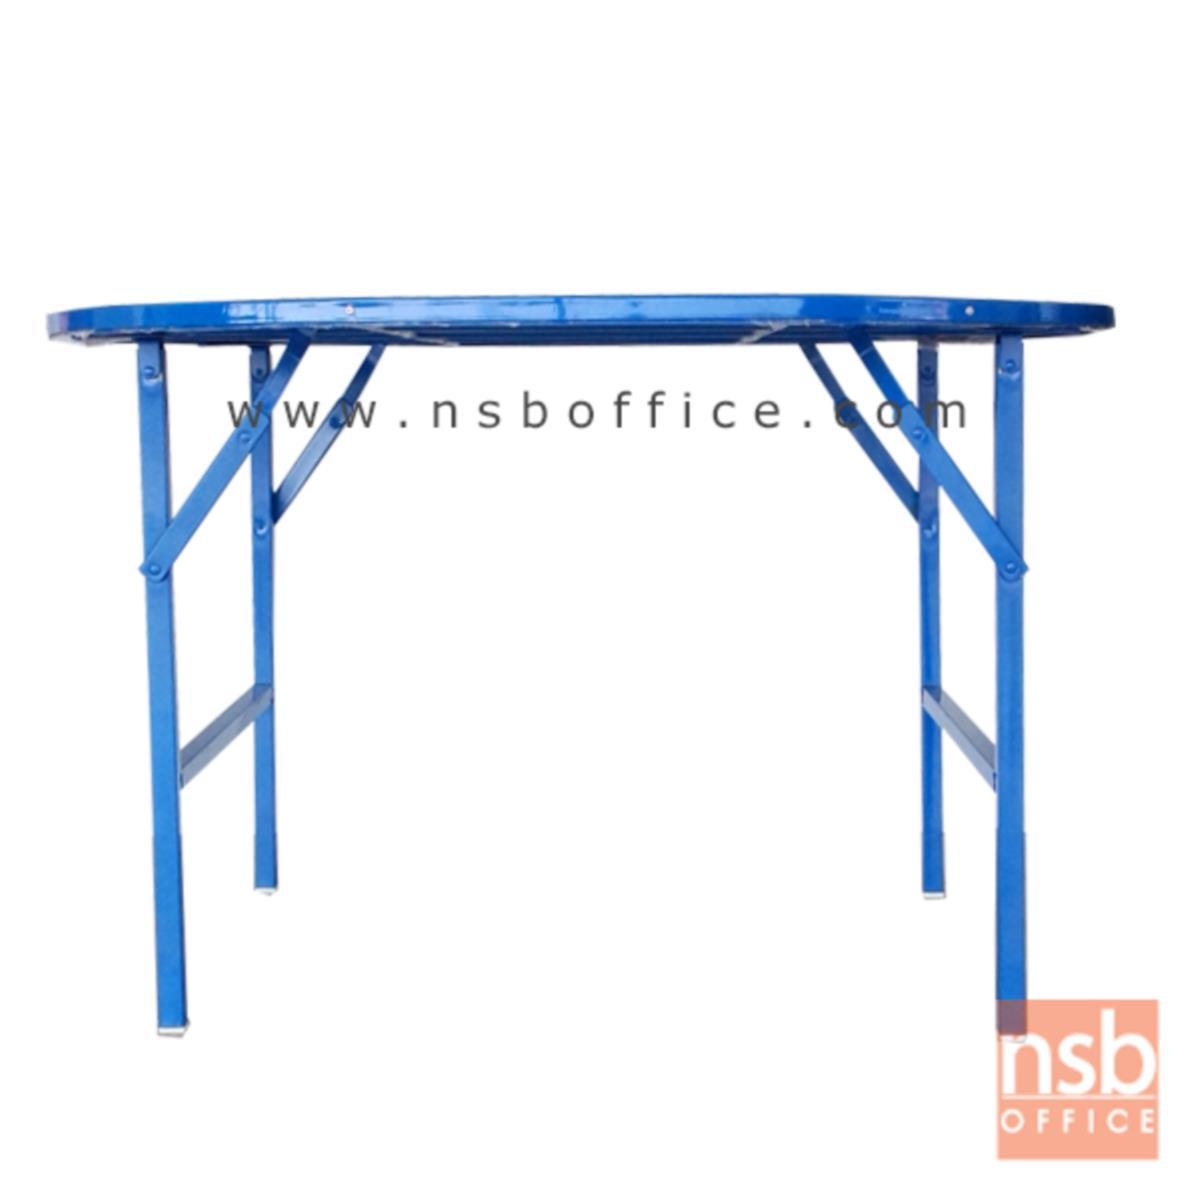 โต๊ะพับหน้าเหล็ก  ขนาด 116.5Di cm.  ขาซ่อน 4 ฟุต